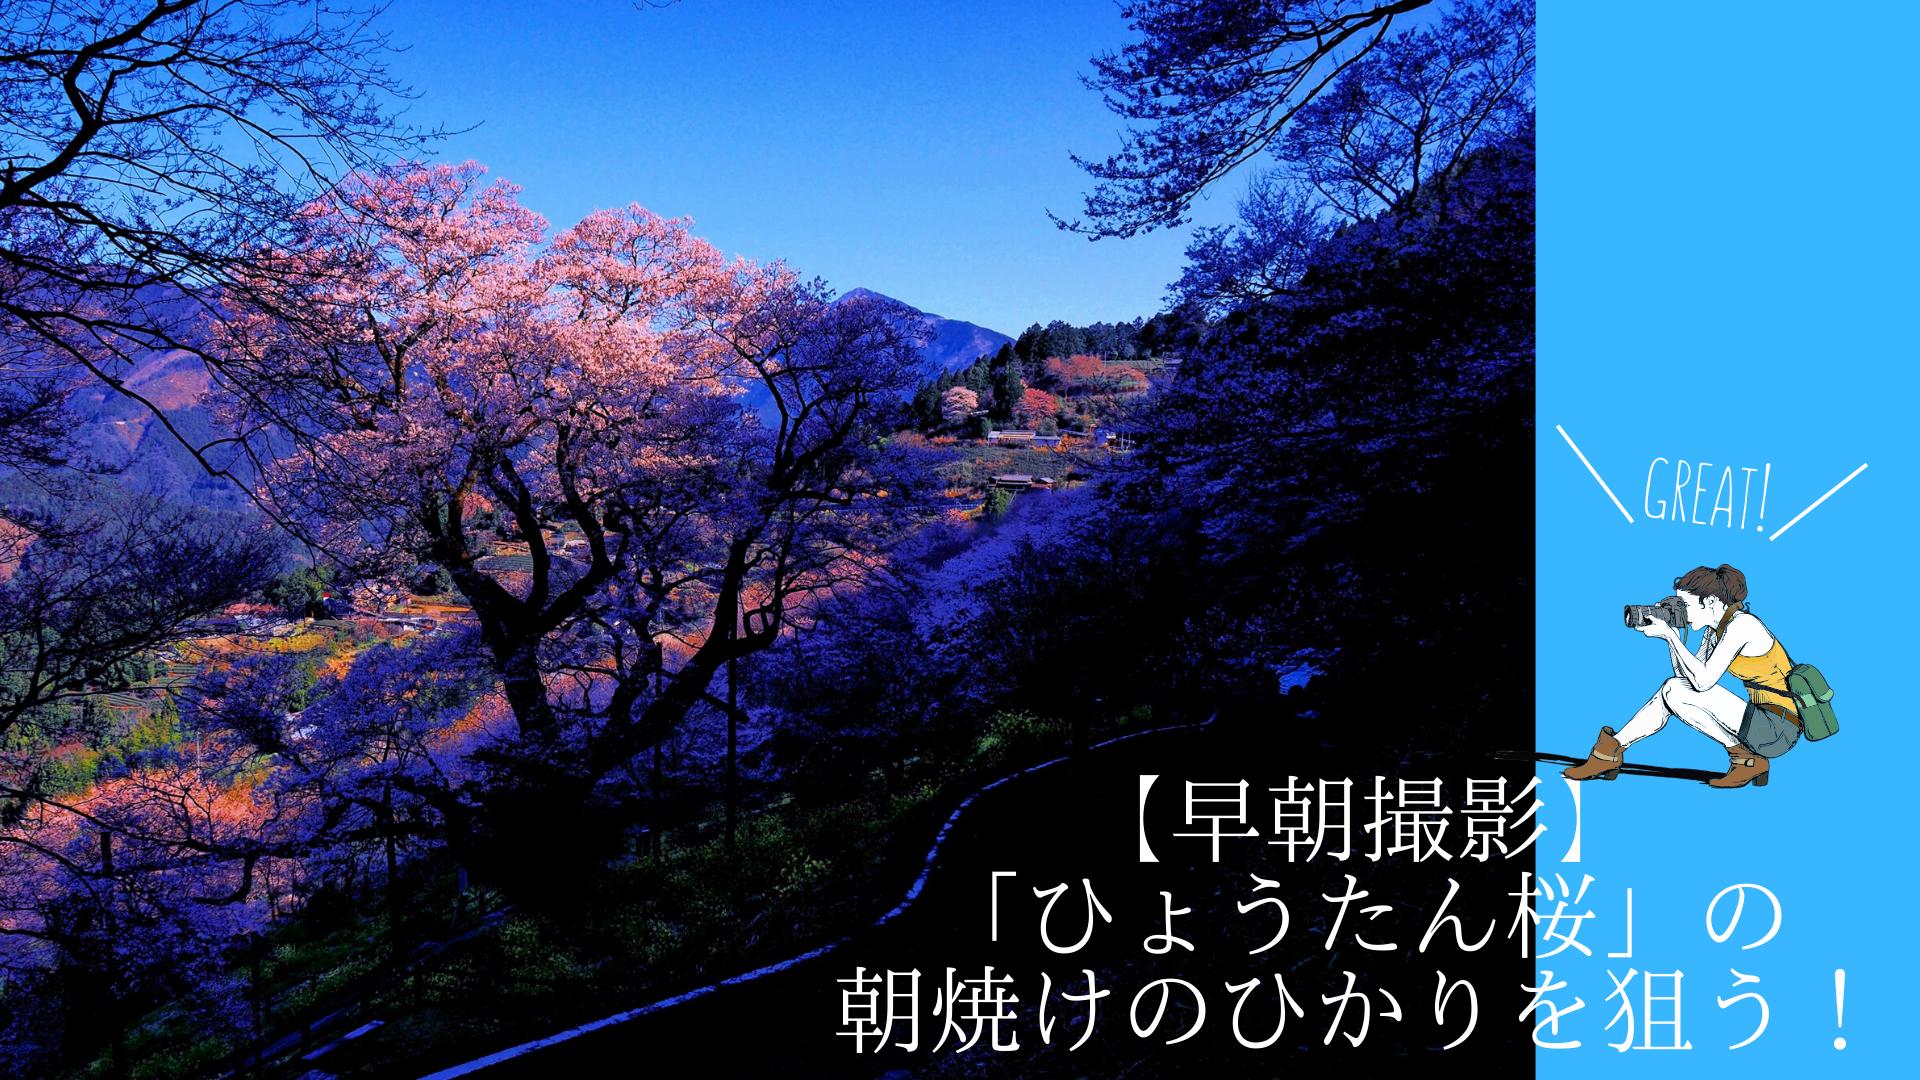 【早朝撮影】「ひょうたん桜」の朝焼けのひかりを狙う!